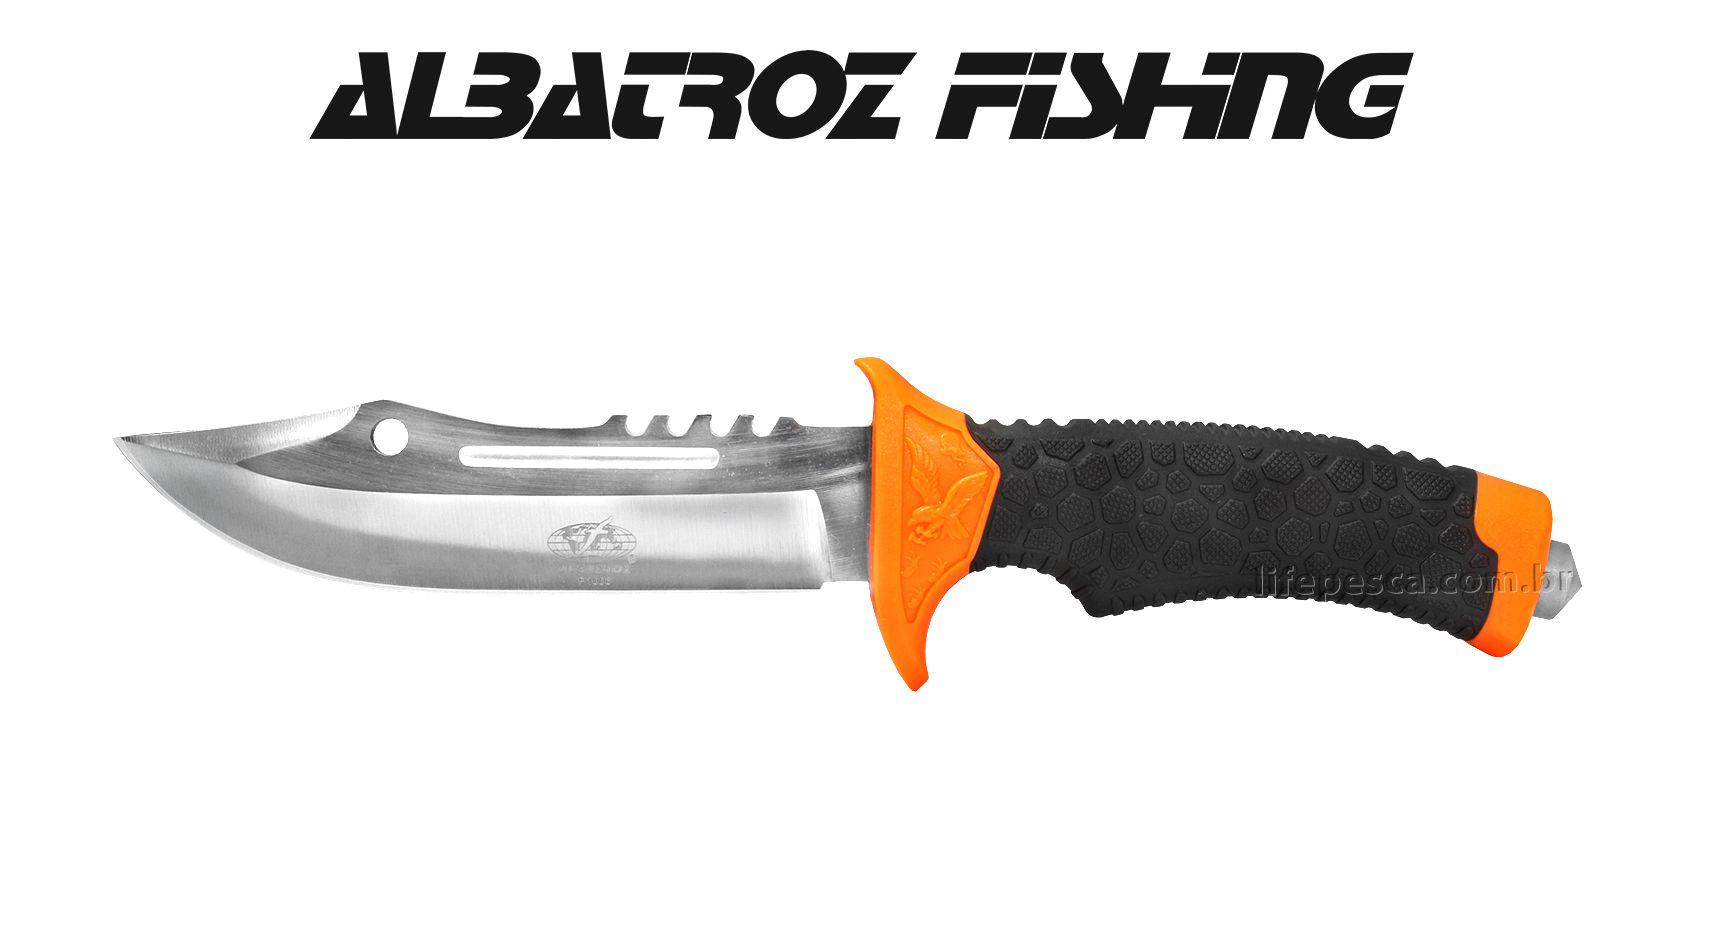 Faca Tática P1006 Albatroz Fishing - Cabo Emborrachado